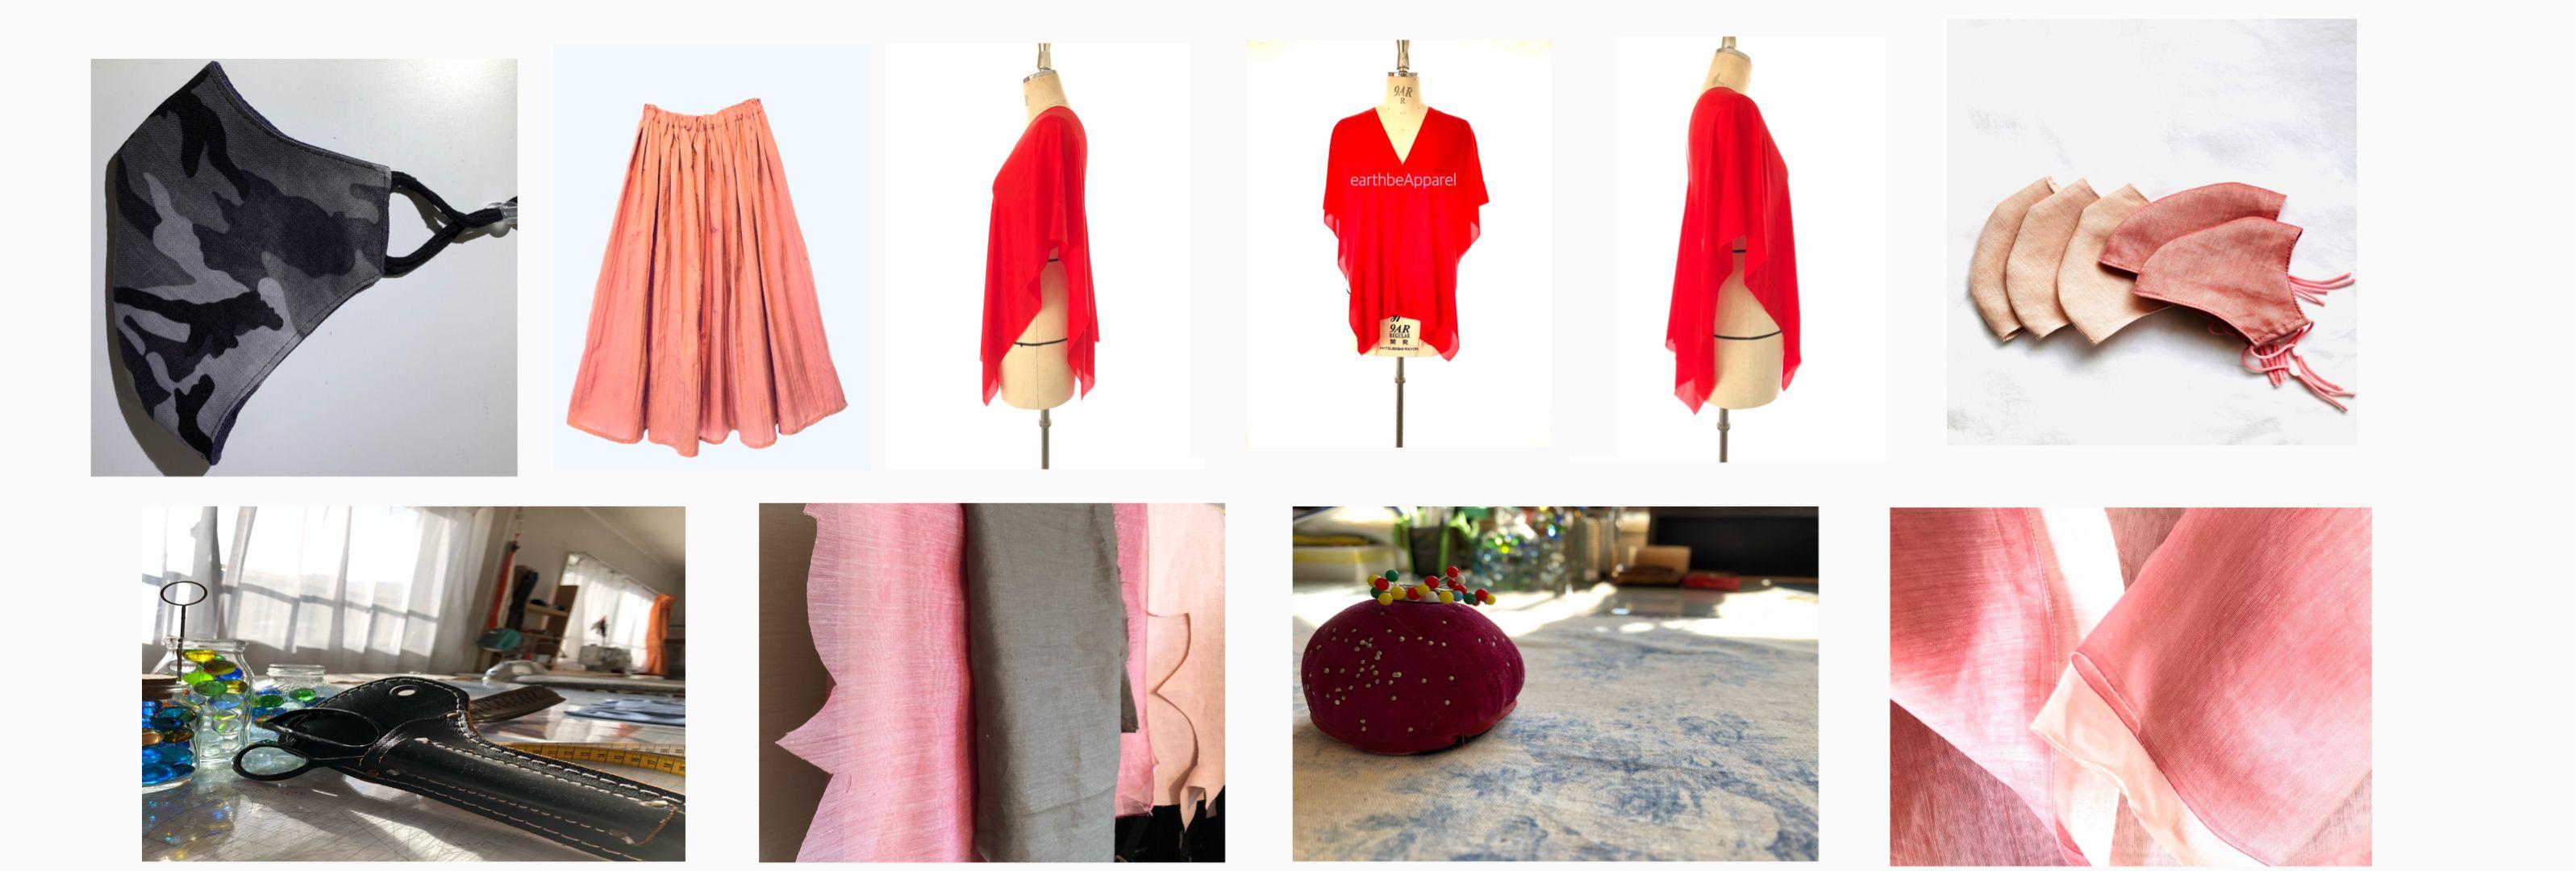 Earthbe project    オリジナル服・雑貨とセミオーダー    ヒト・コト・モノの仕立て屋さん